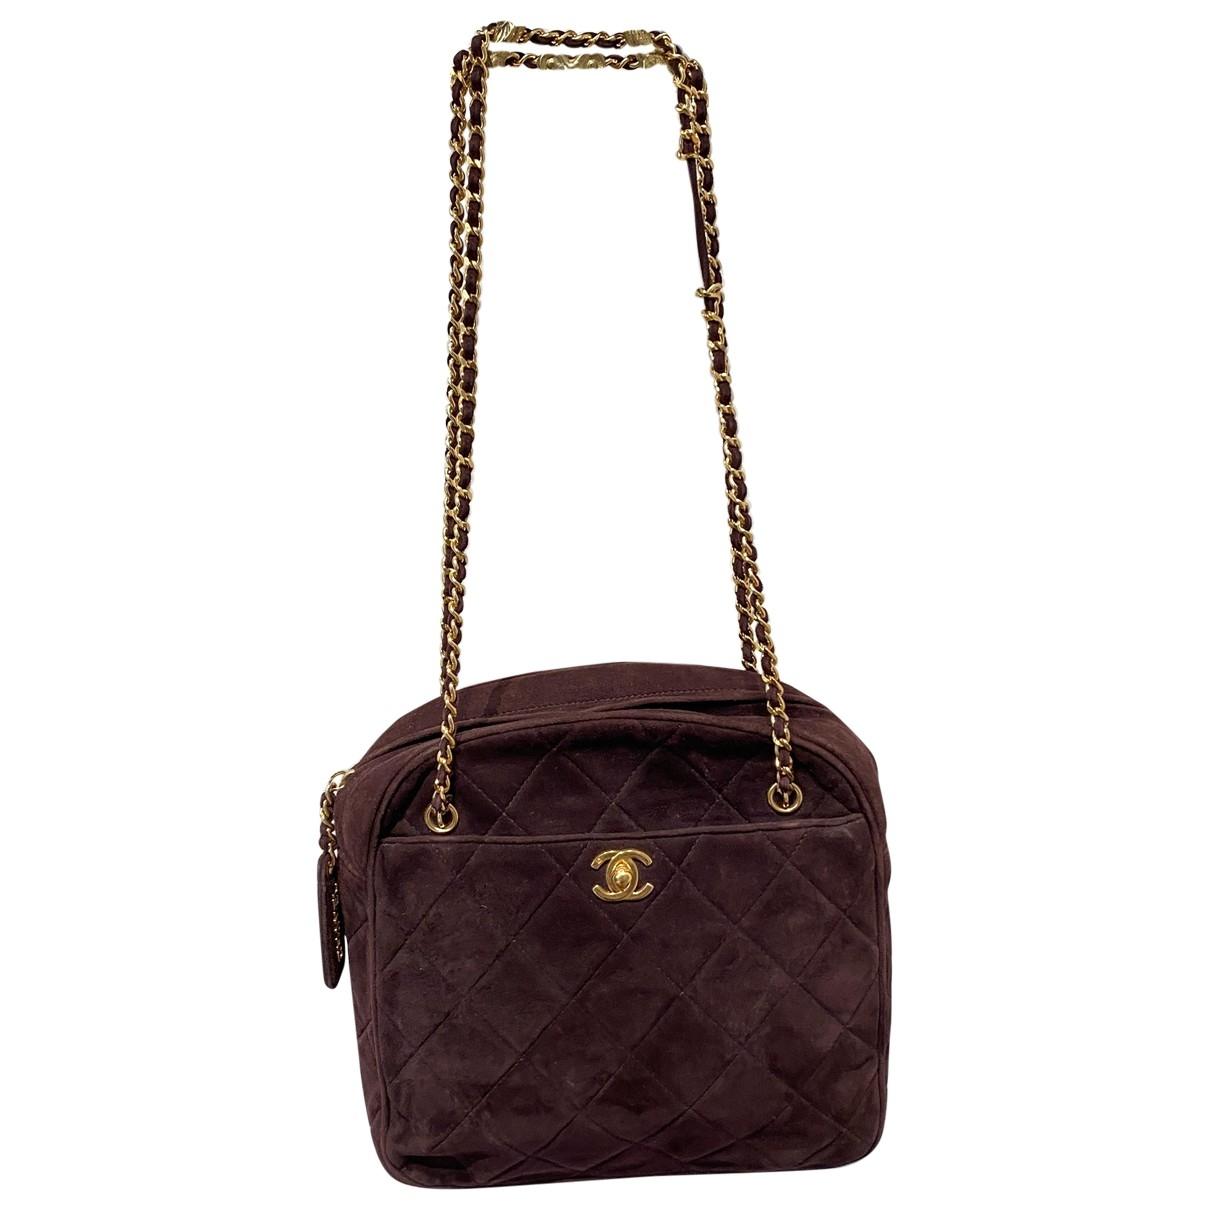 Chanel - Sac a main   pour femme en suede - violet